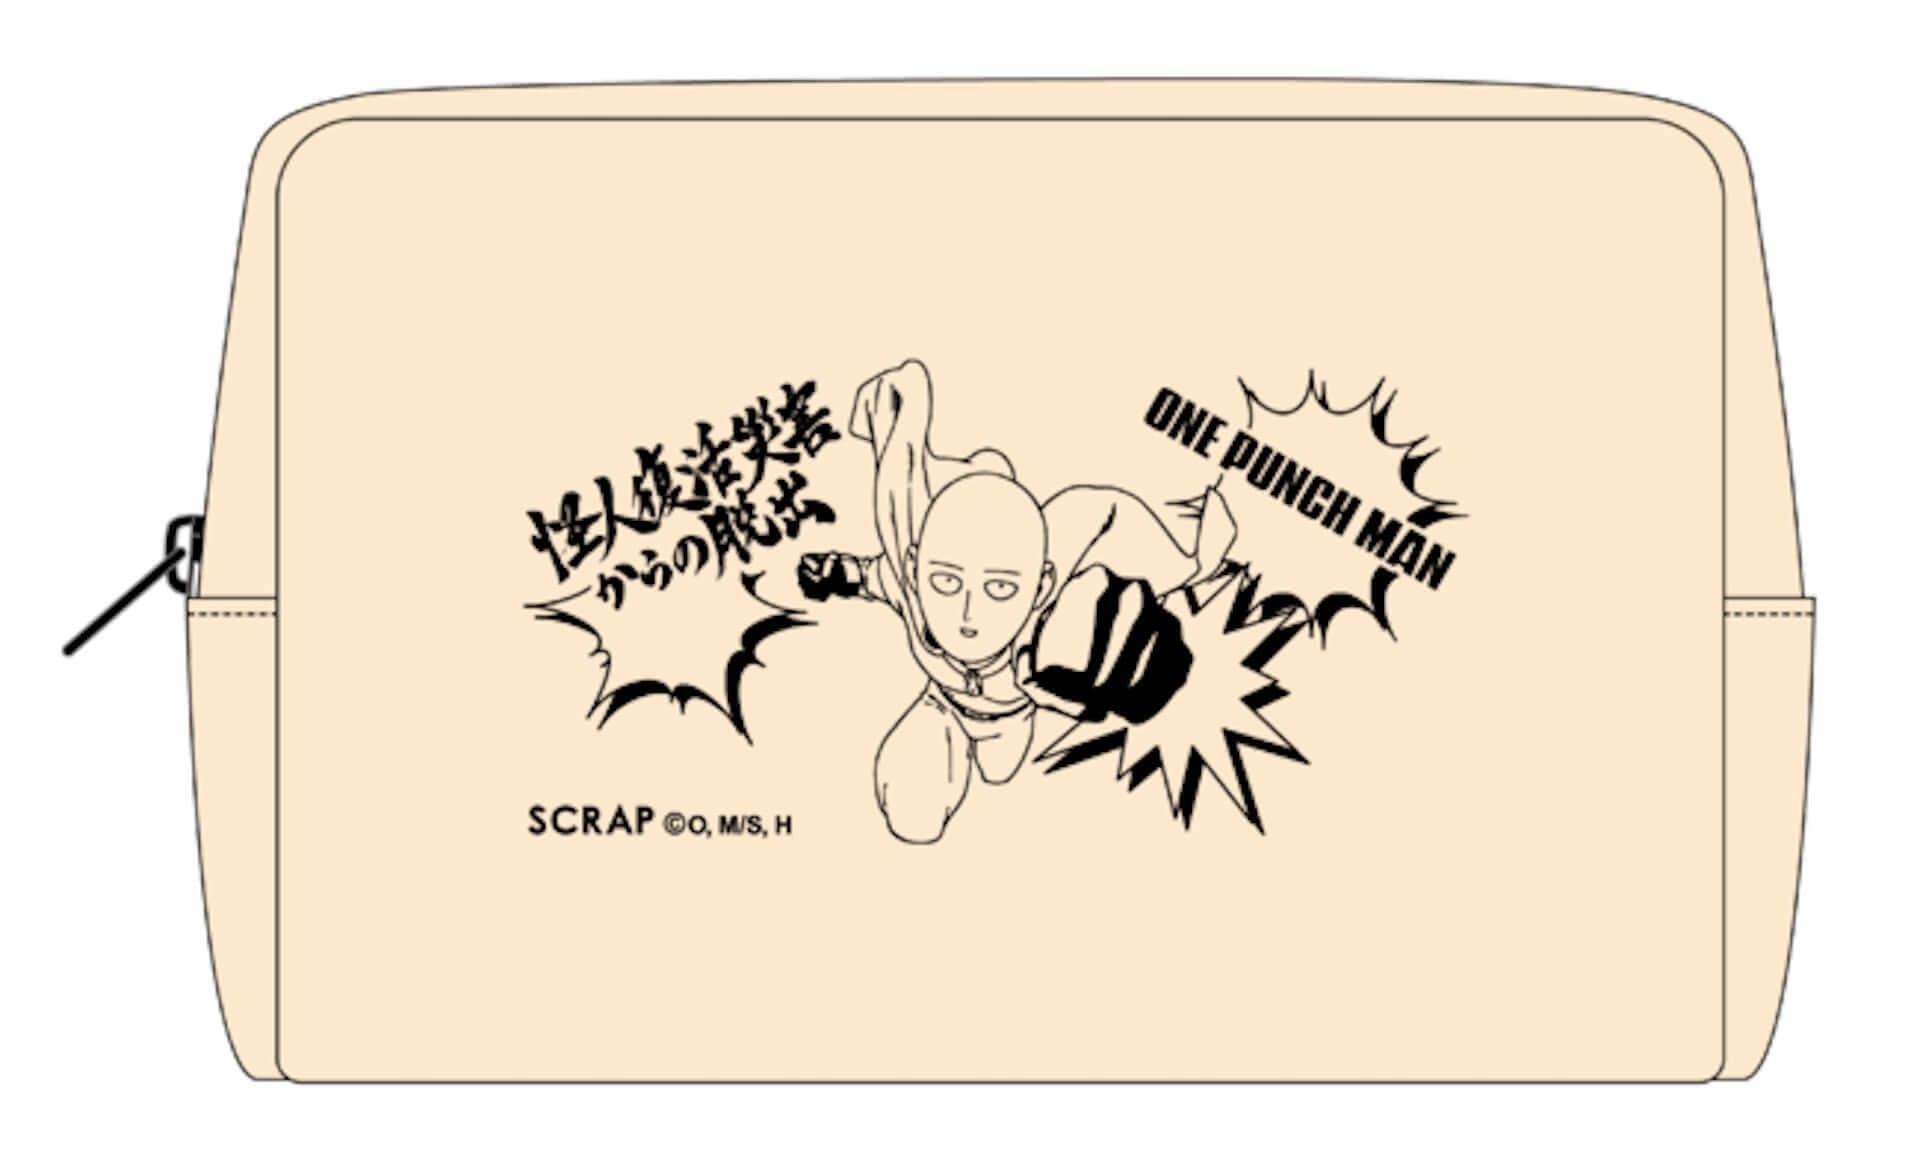 『ワンパンマン』のヒーローたちと謎解きに挑戦しよう!リアル脱出ゲーム<怪人復活災害からの脱出>が東京・大阪・名古屋にて開催決定 art201217_onepunchman-realdgame_9-1920x1167